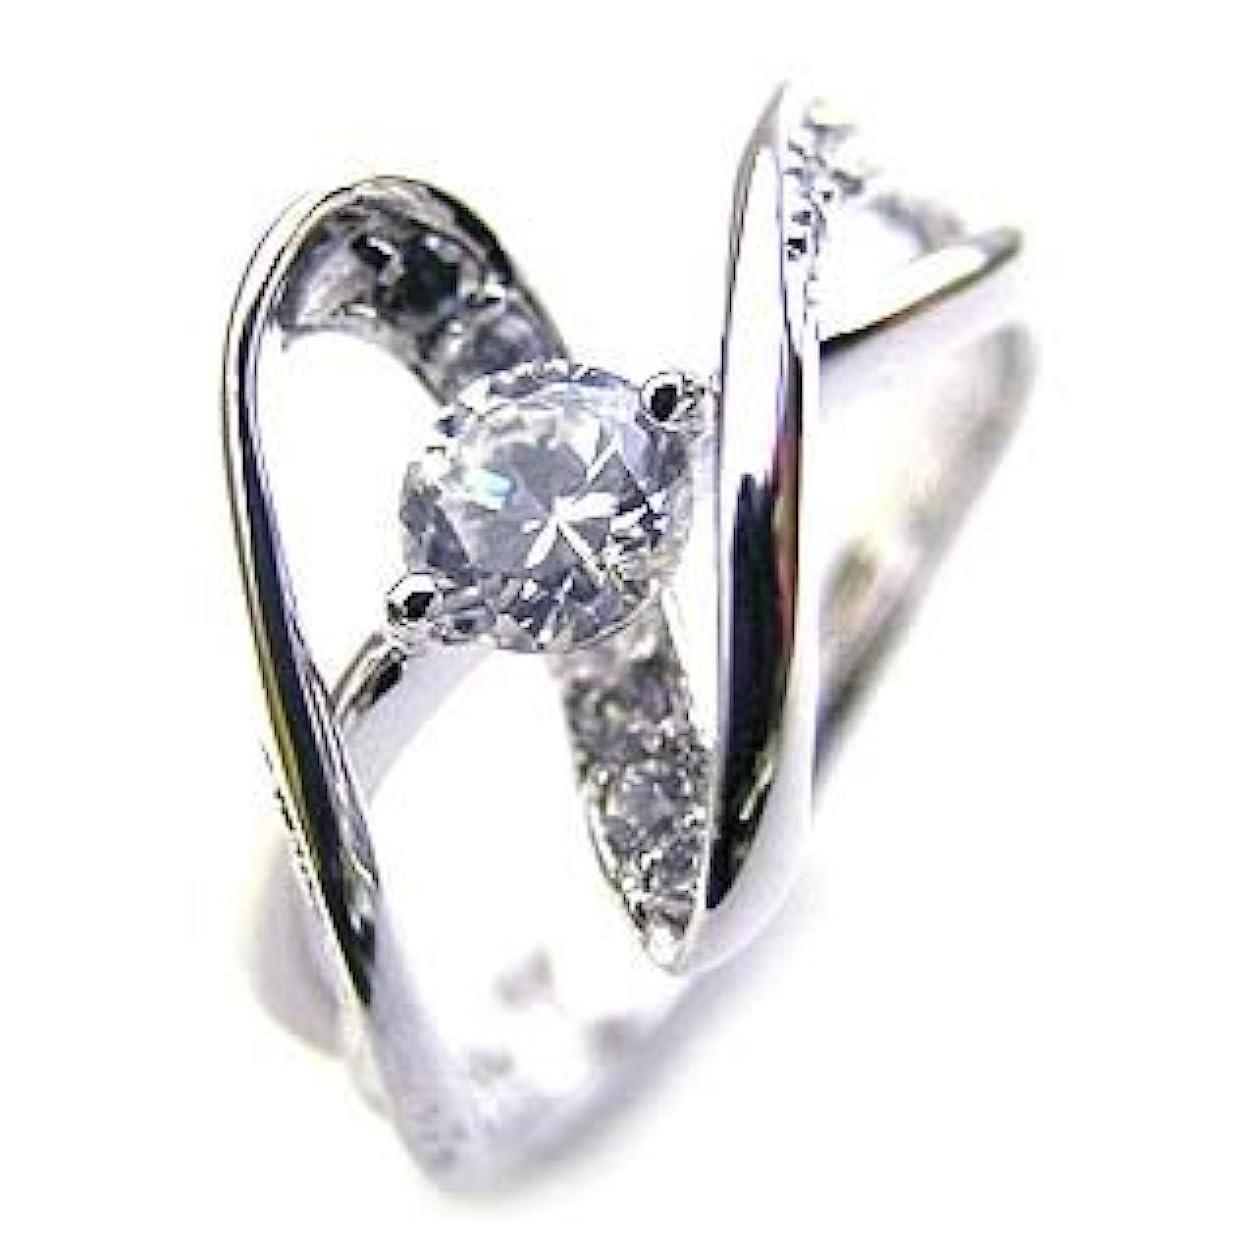 バスケットボールやろう経歴( 婚約指輪 ) ダイヤモンド プラチナエンゲージリング( Brand Jewelry Angerosa ) #14